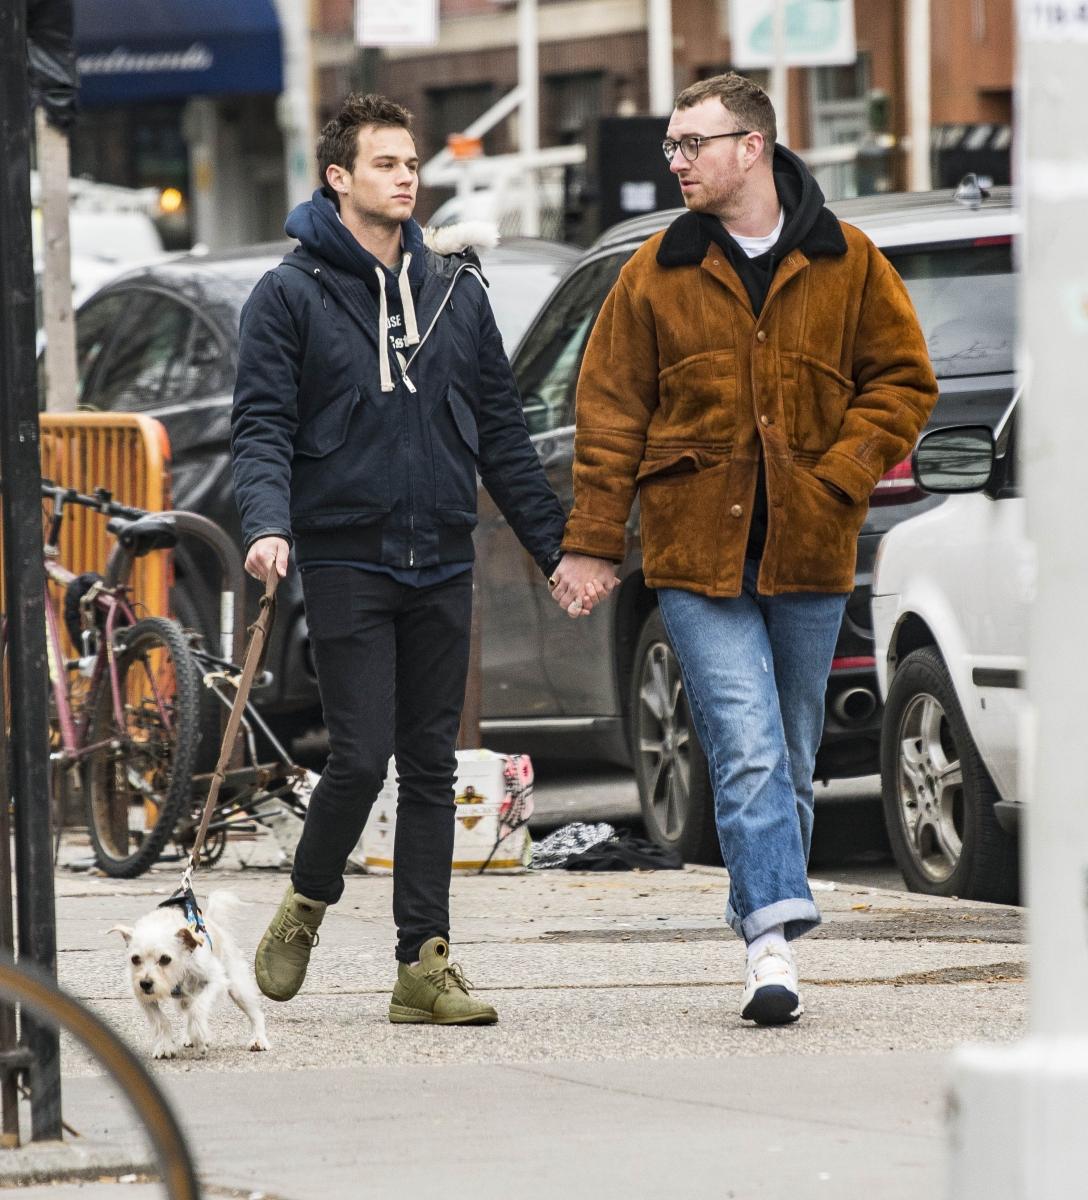 サム・スミス(26)と、ドラマ『13の理由』で知られる俳優ブランドン・フリン(25)は6月に約9カ月続いた関係に終止符。別離の理由は明かされていないが、9月の時点で破局は「まだ辛い」とコメントしたサム。立ち直れていないことを告白していた。